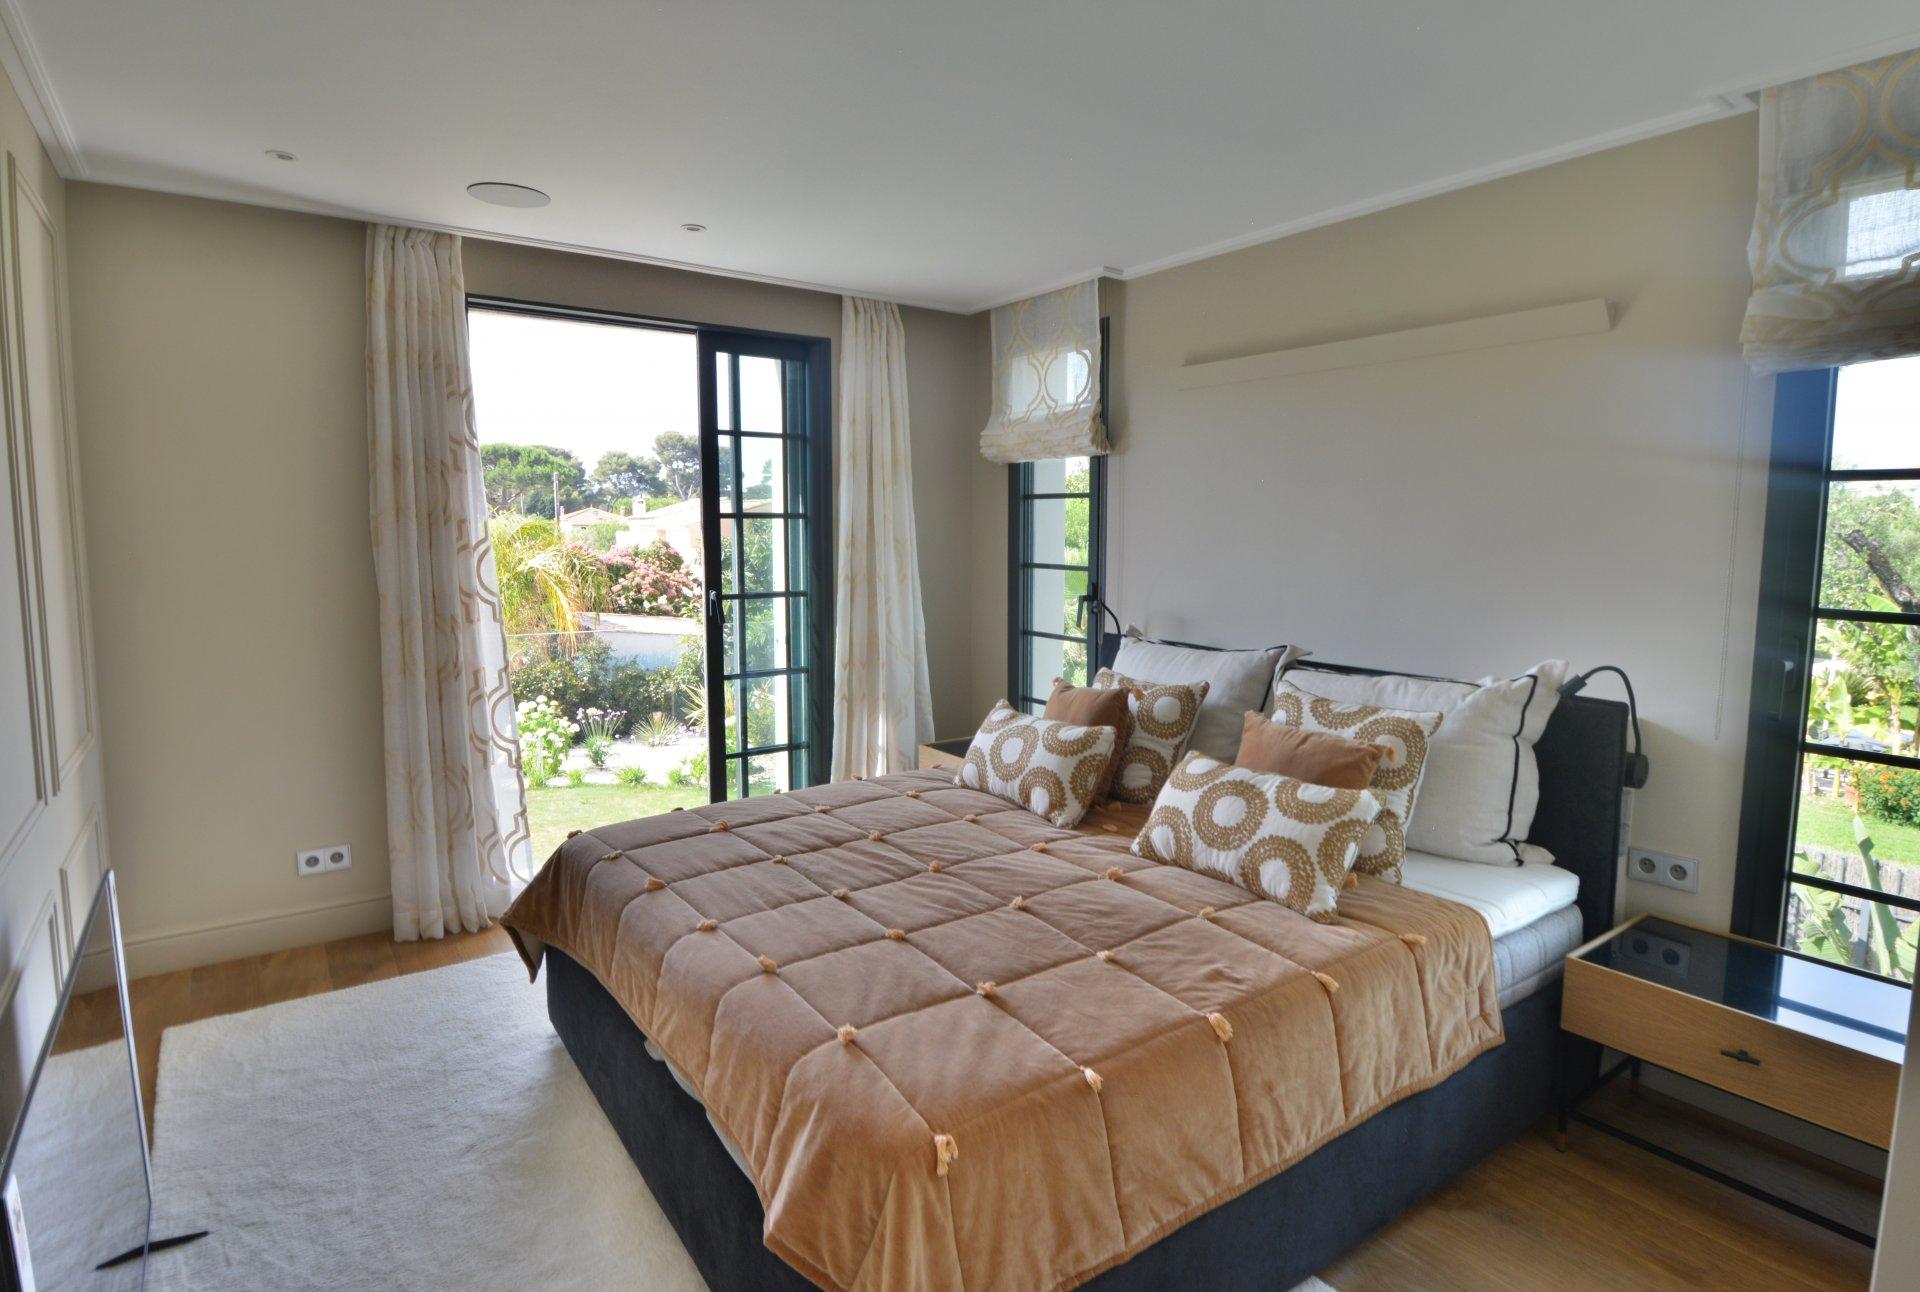 Villa exceptionnelle proche des plages - Cap d'Antibes